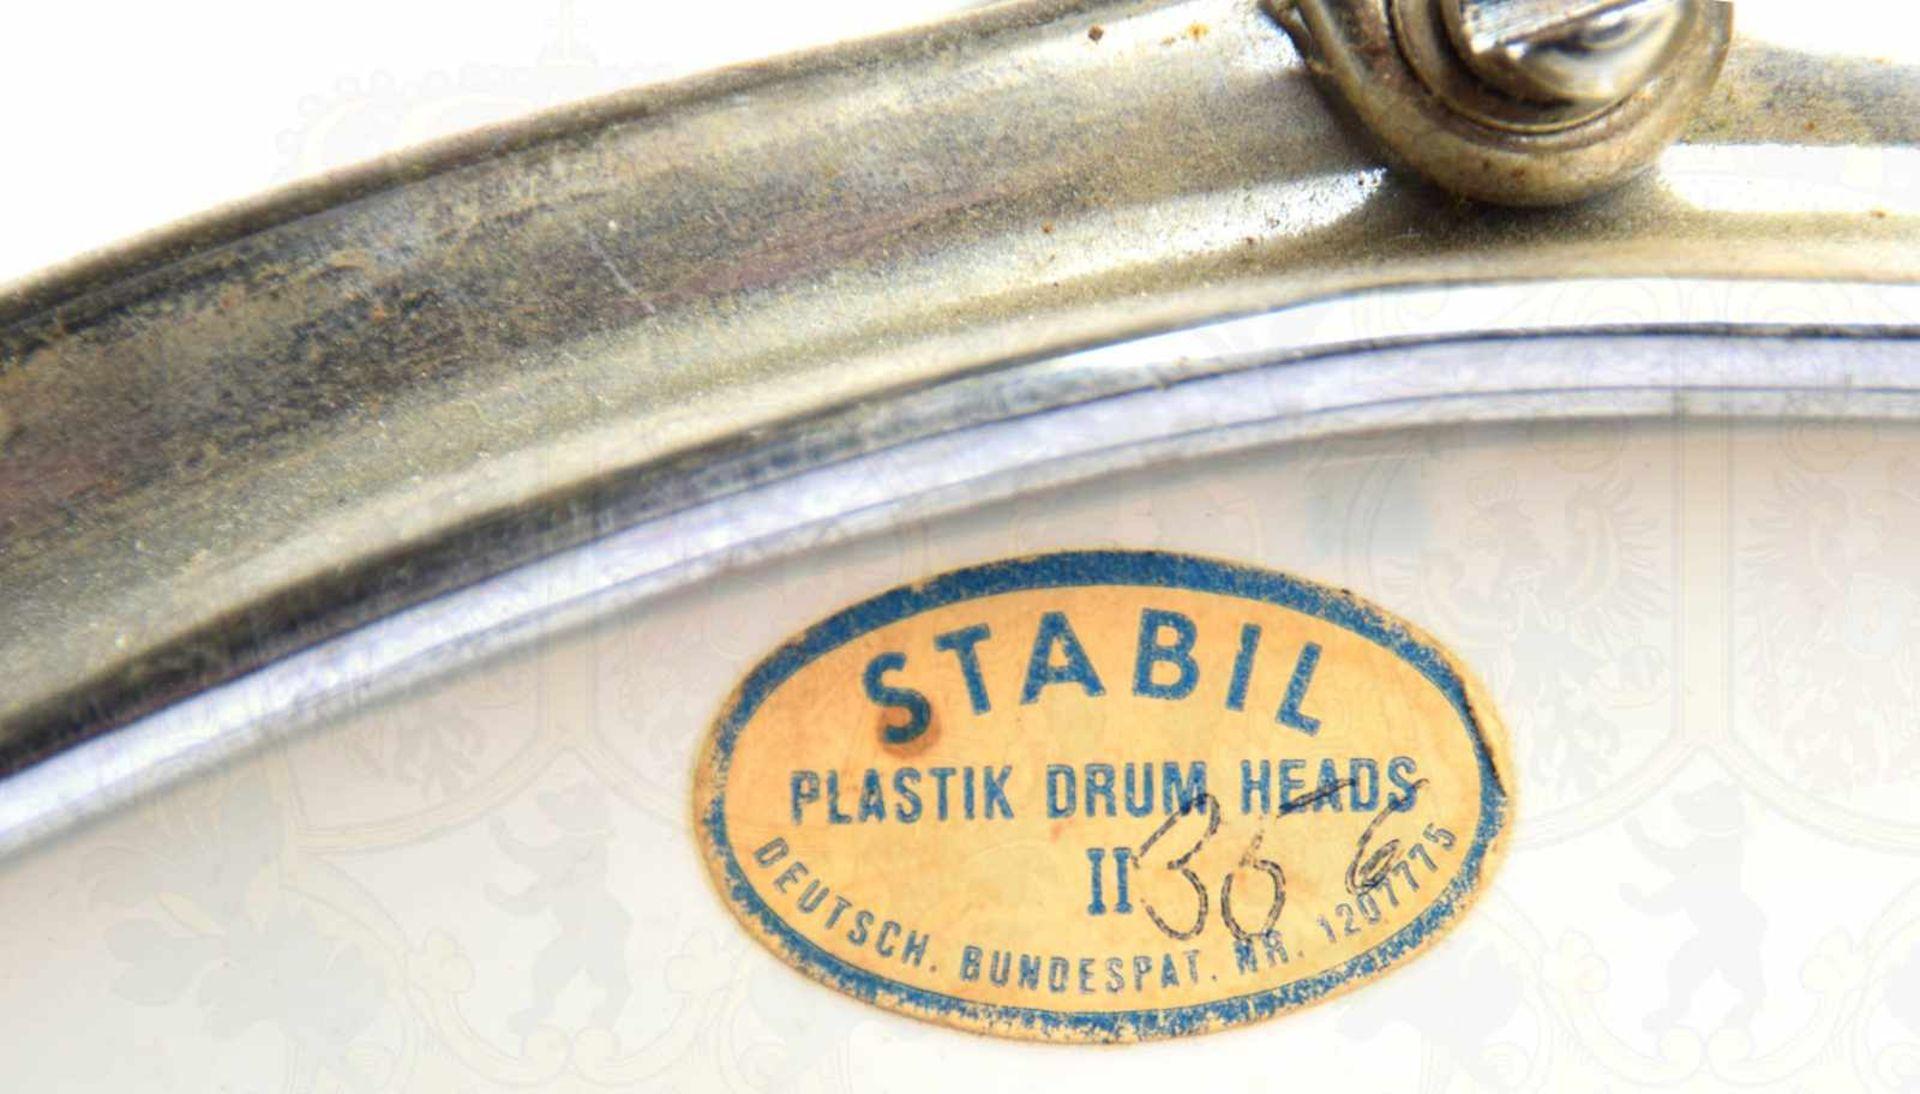 """Los 46 - MARSCHTROMMEL, Herst. """"Stabil Plastic Drum Heads, Dt. Bundespatent"""", Metallgehäuse, bez. """"Cosima"""","""